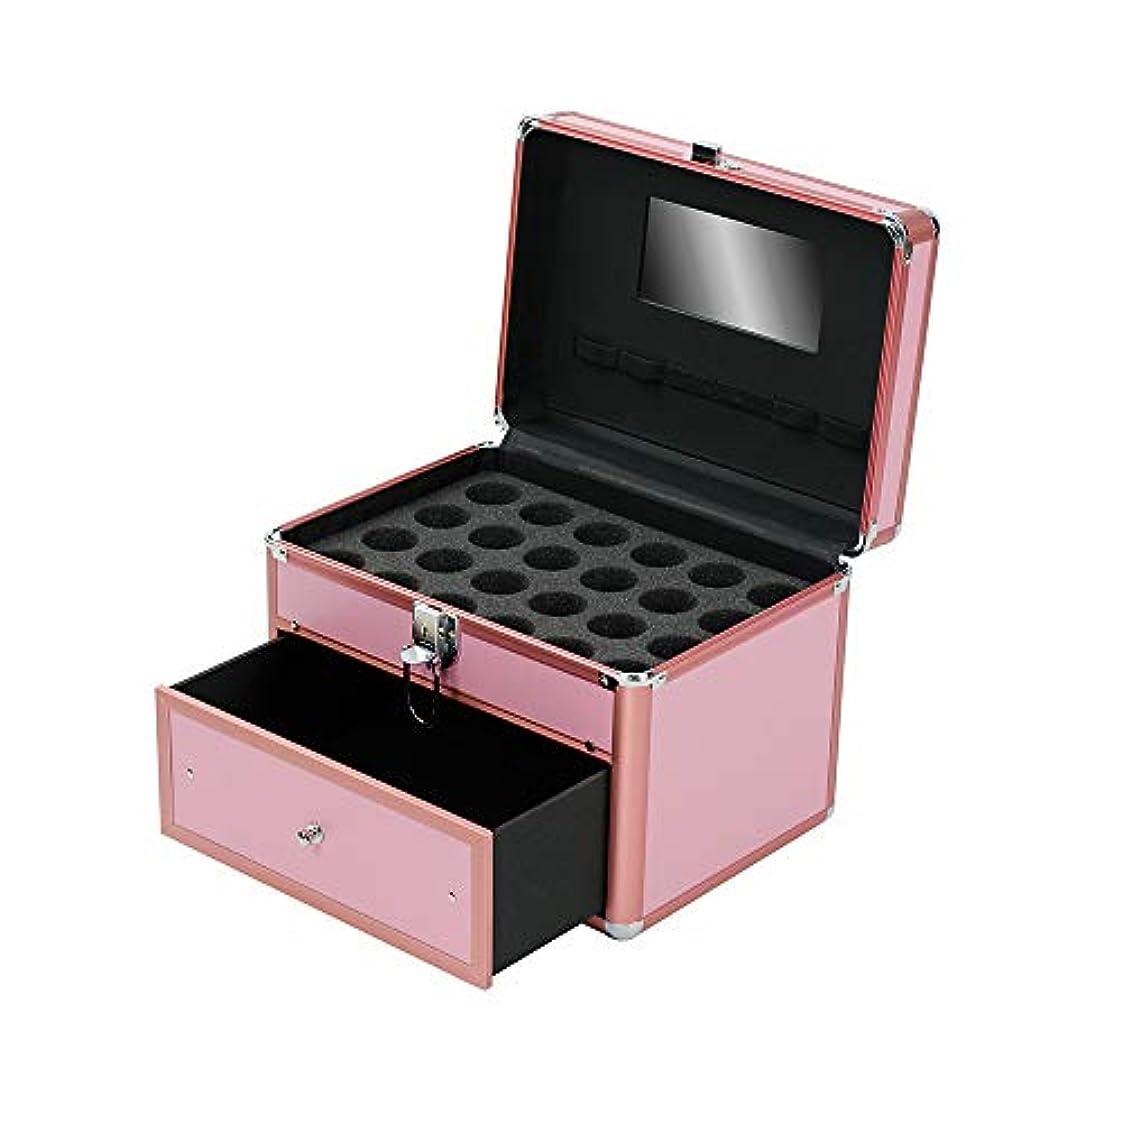 運賃抽象化はしご特大スペース収納ビューティーボックス 女の子の女性旅行のための新しく、実用的な携帯用化粧箱およびロックおよび皿が付いている毎日の貯蔵 化粧品化粧台